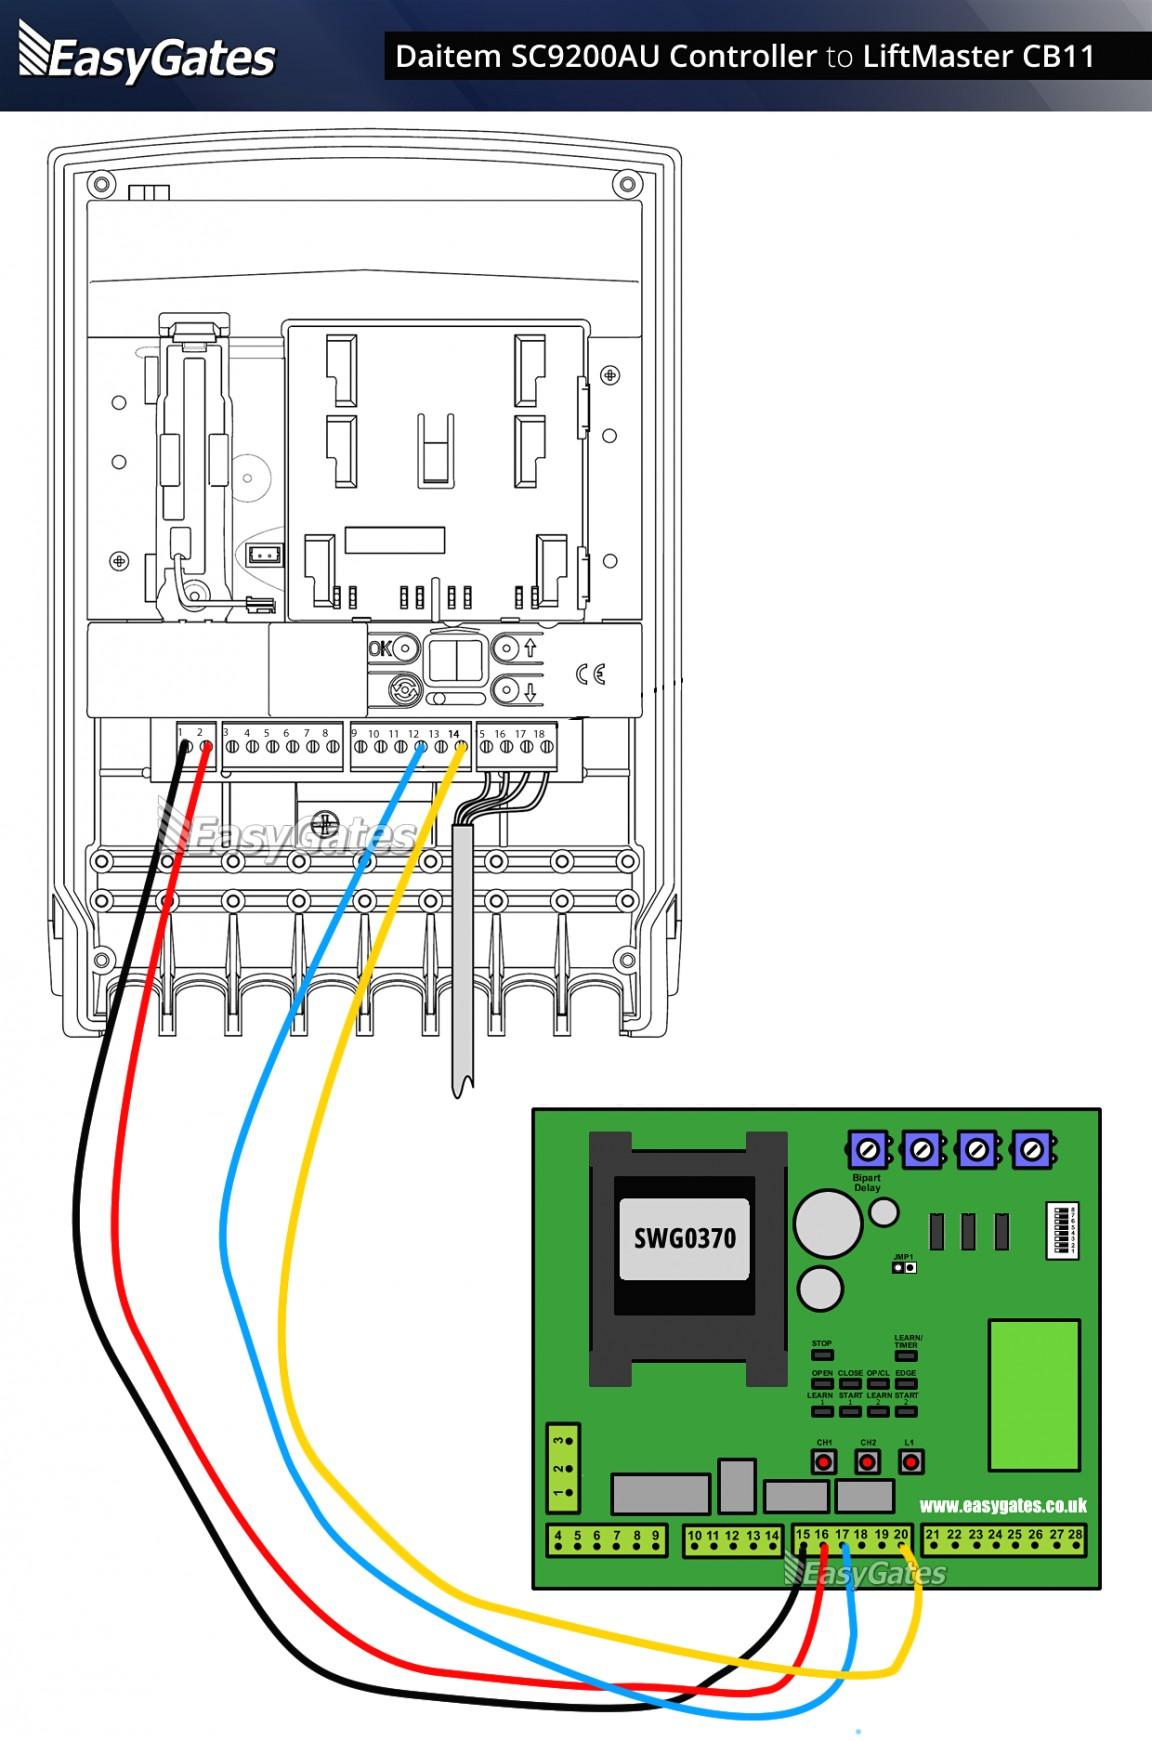 gate garage door opener wire diagram enthusiast wiring diagrams u2022 rh rasalibre co Homeline Load Center Wiring-Diagram Genie Garage Door Sensor Wiring Diagram